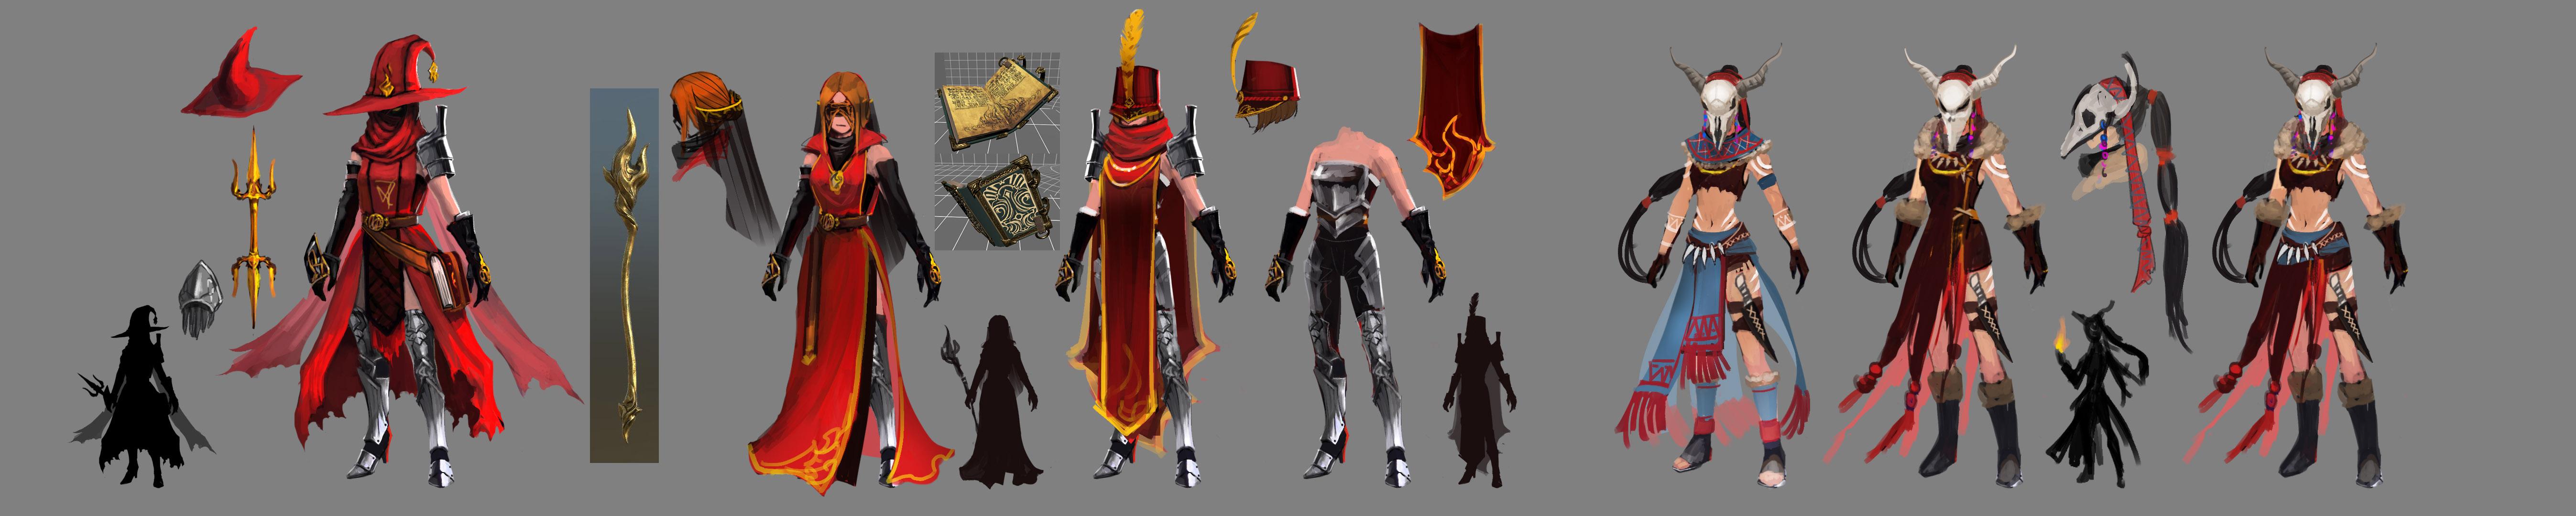 fireTower2 concept P04